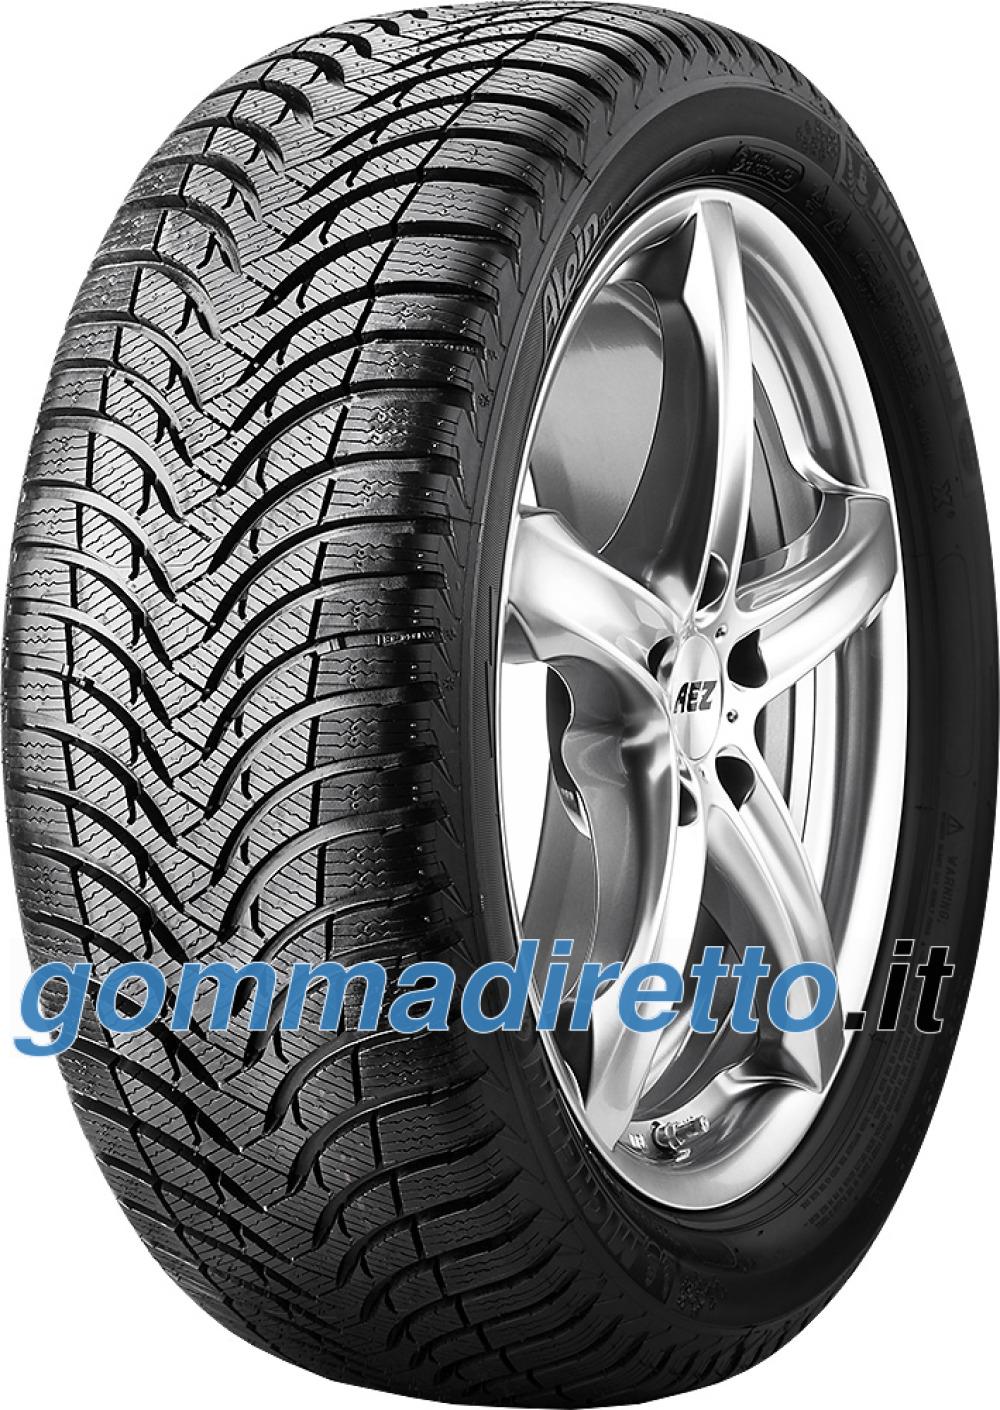 Michelin Alpin A4 ( 225/50 R16 92H )